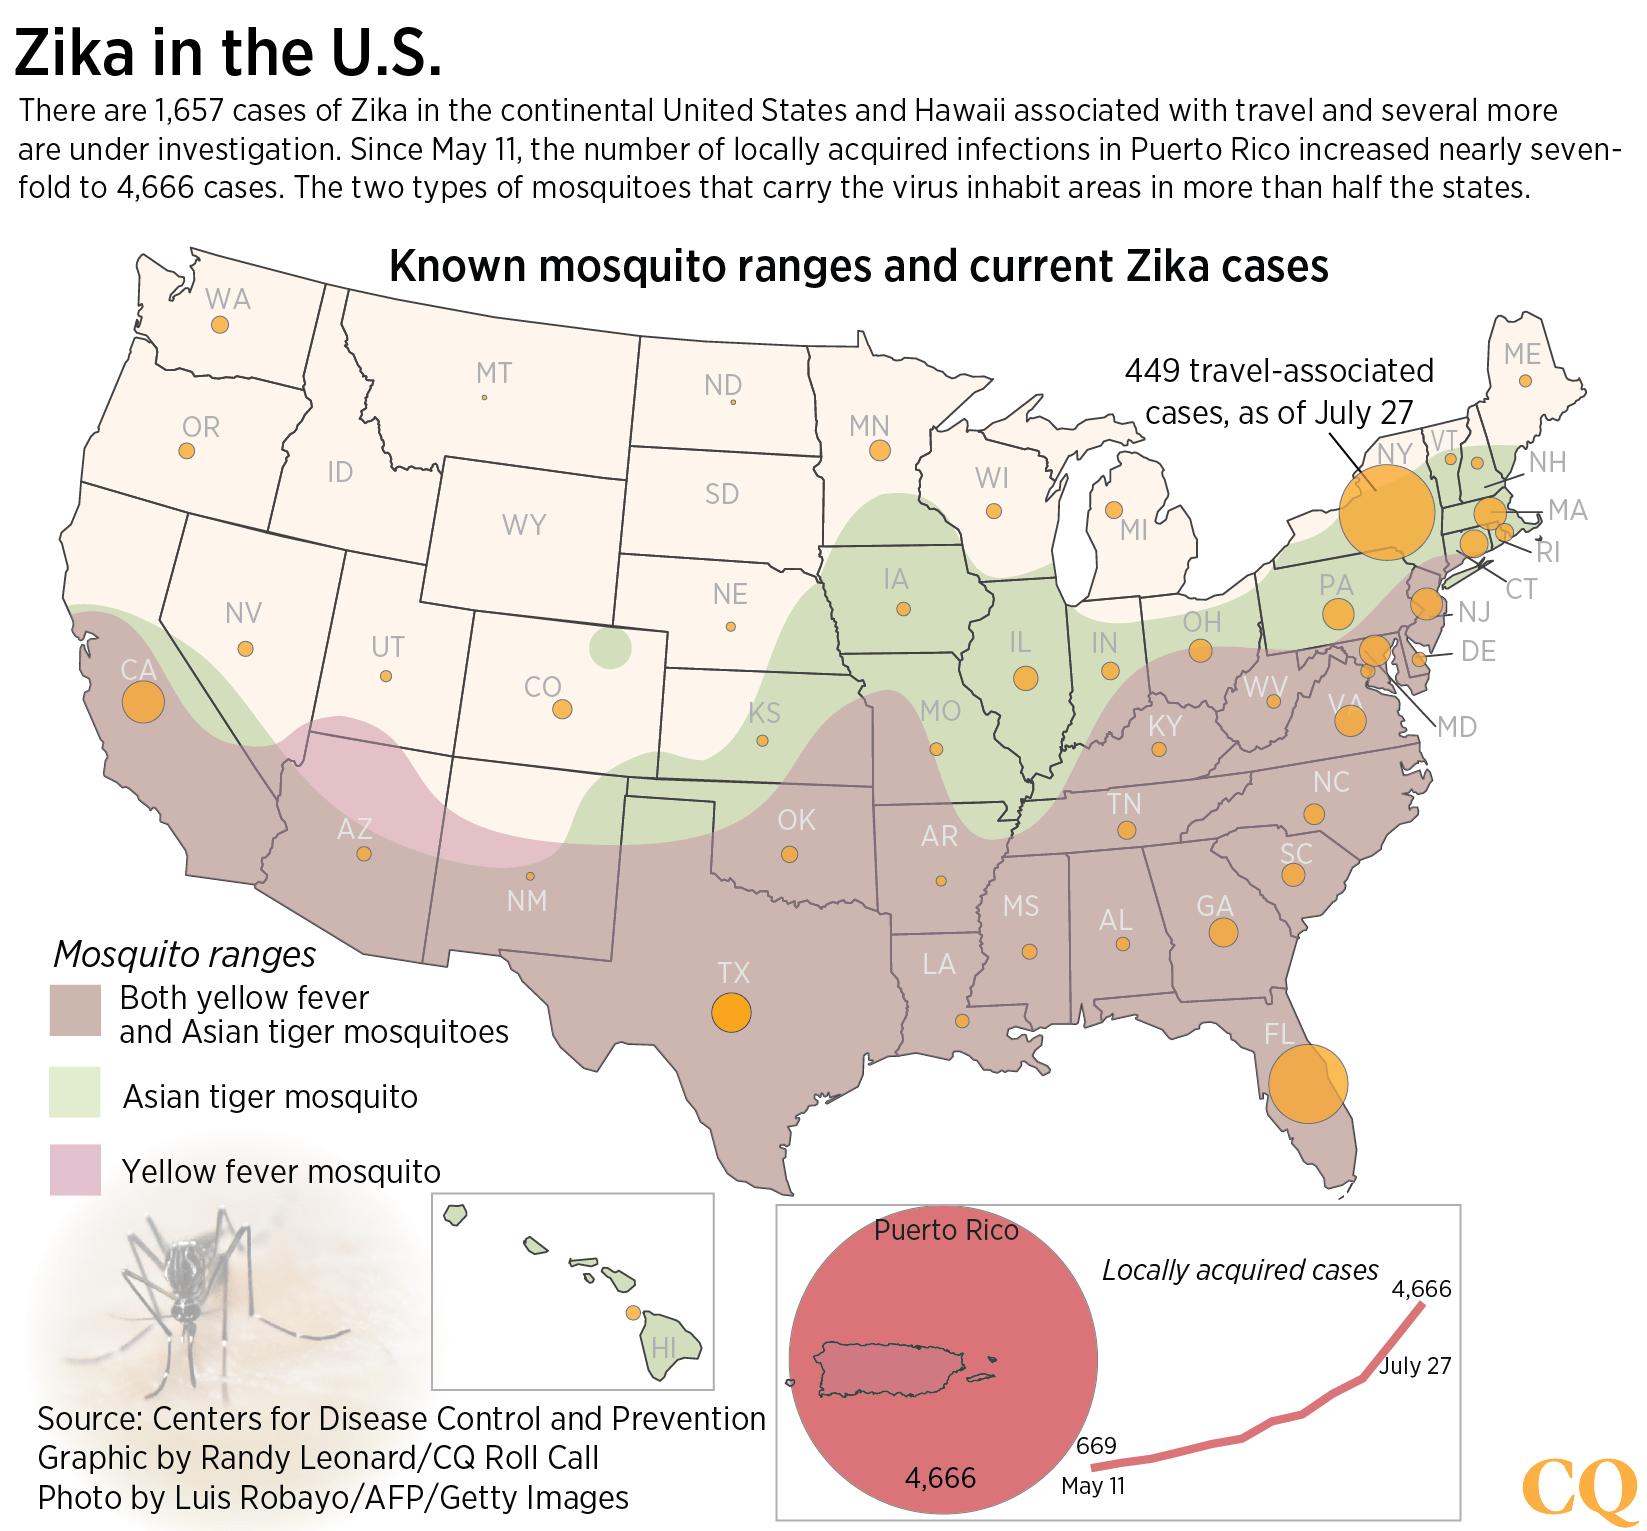 zika-mosquito-maps 7-27-01